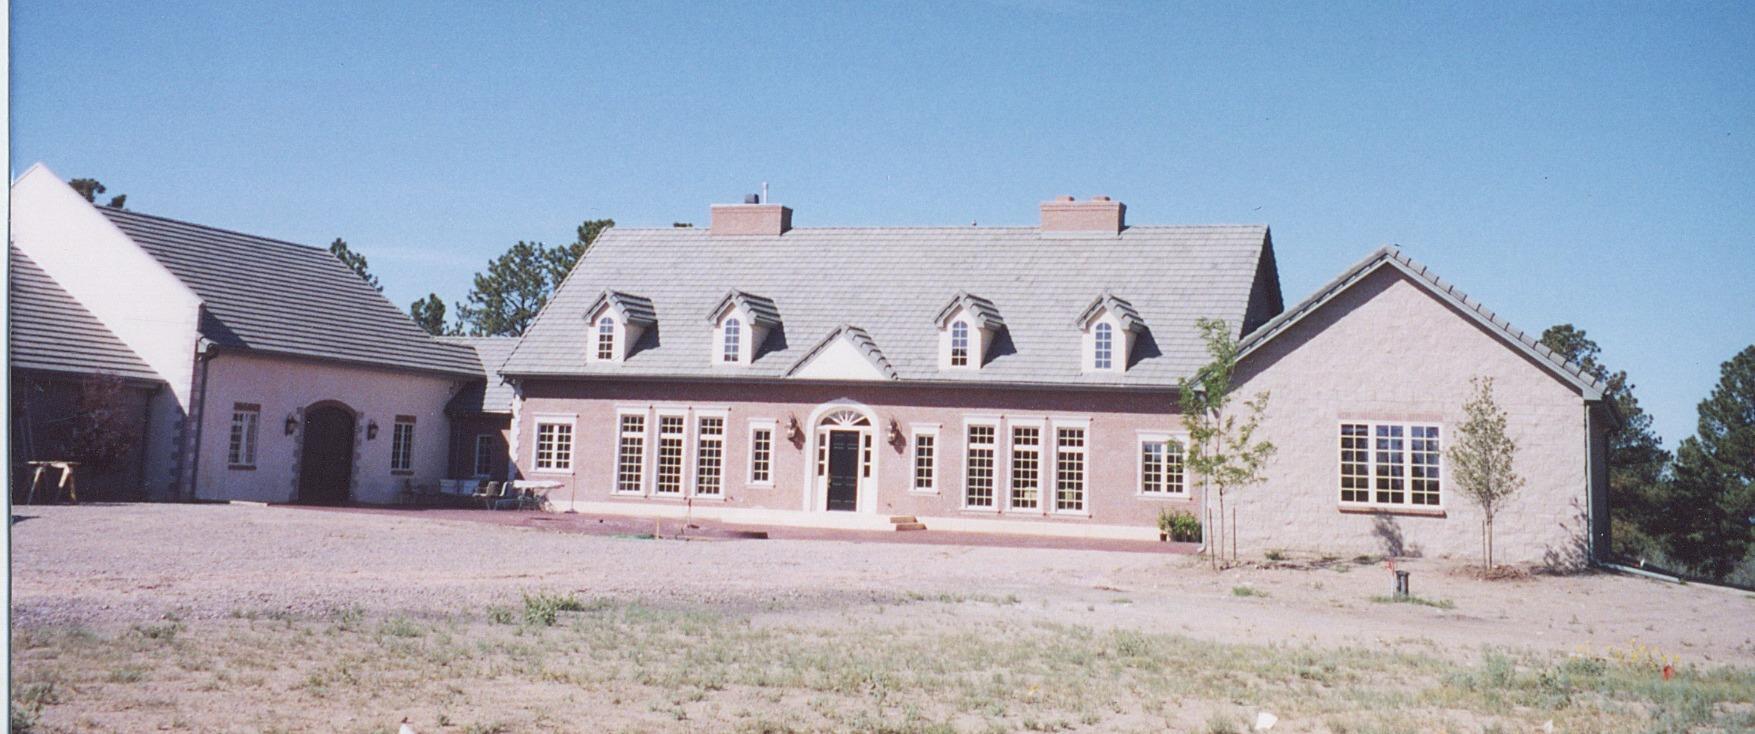 Apollo Roofing & Repairs LLC image 10